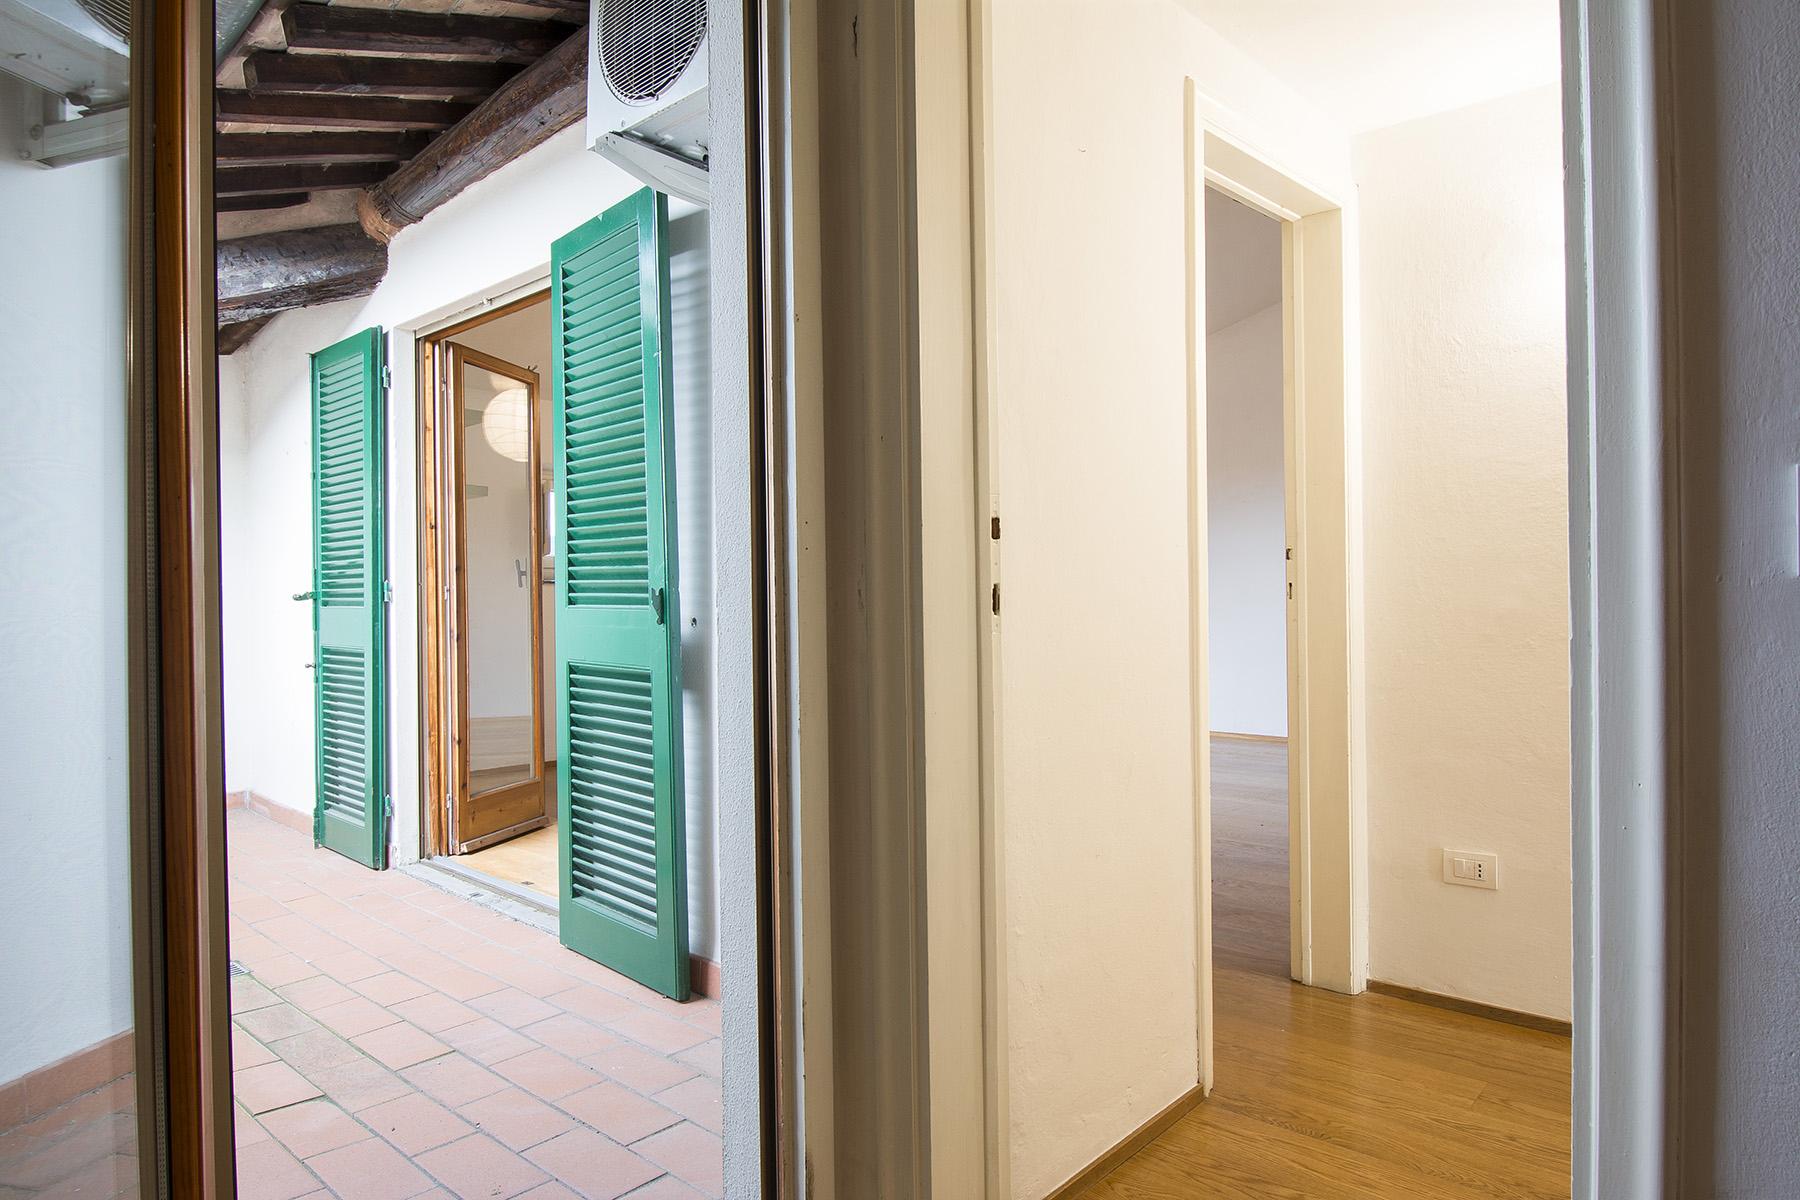 Attico in Affitto a Firenze: 5 locali, 120 mq - Foto 17